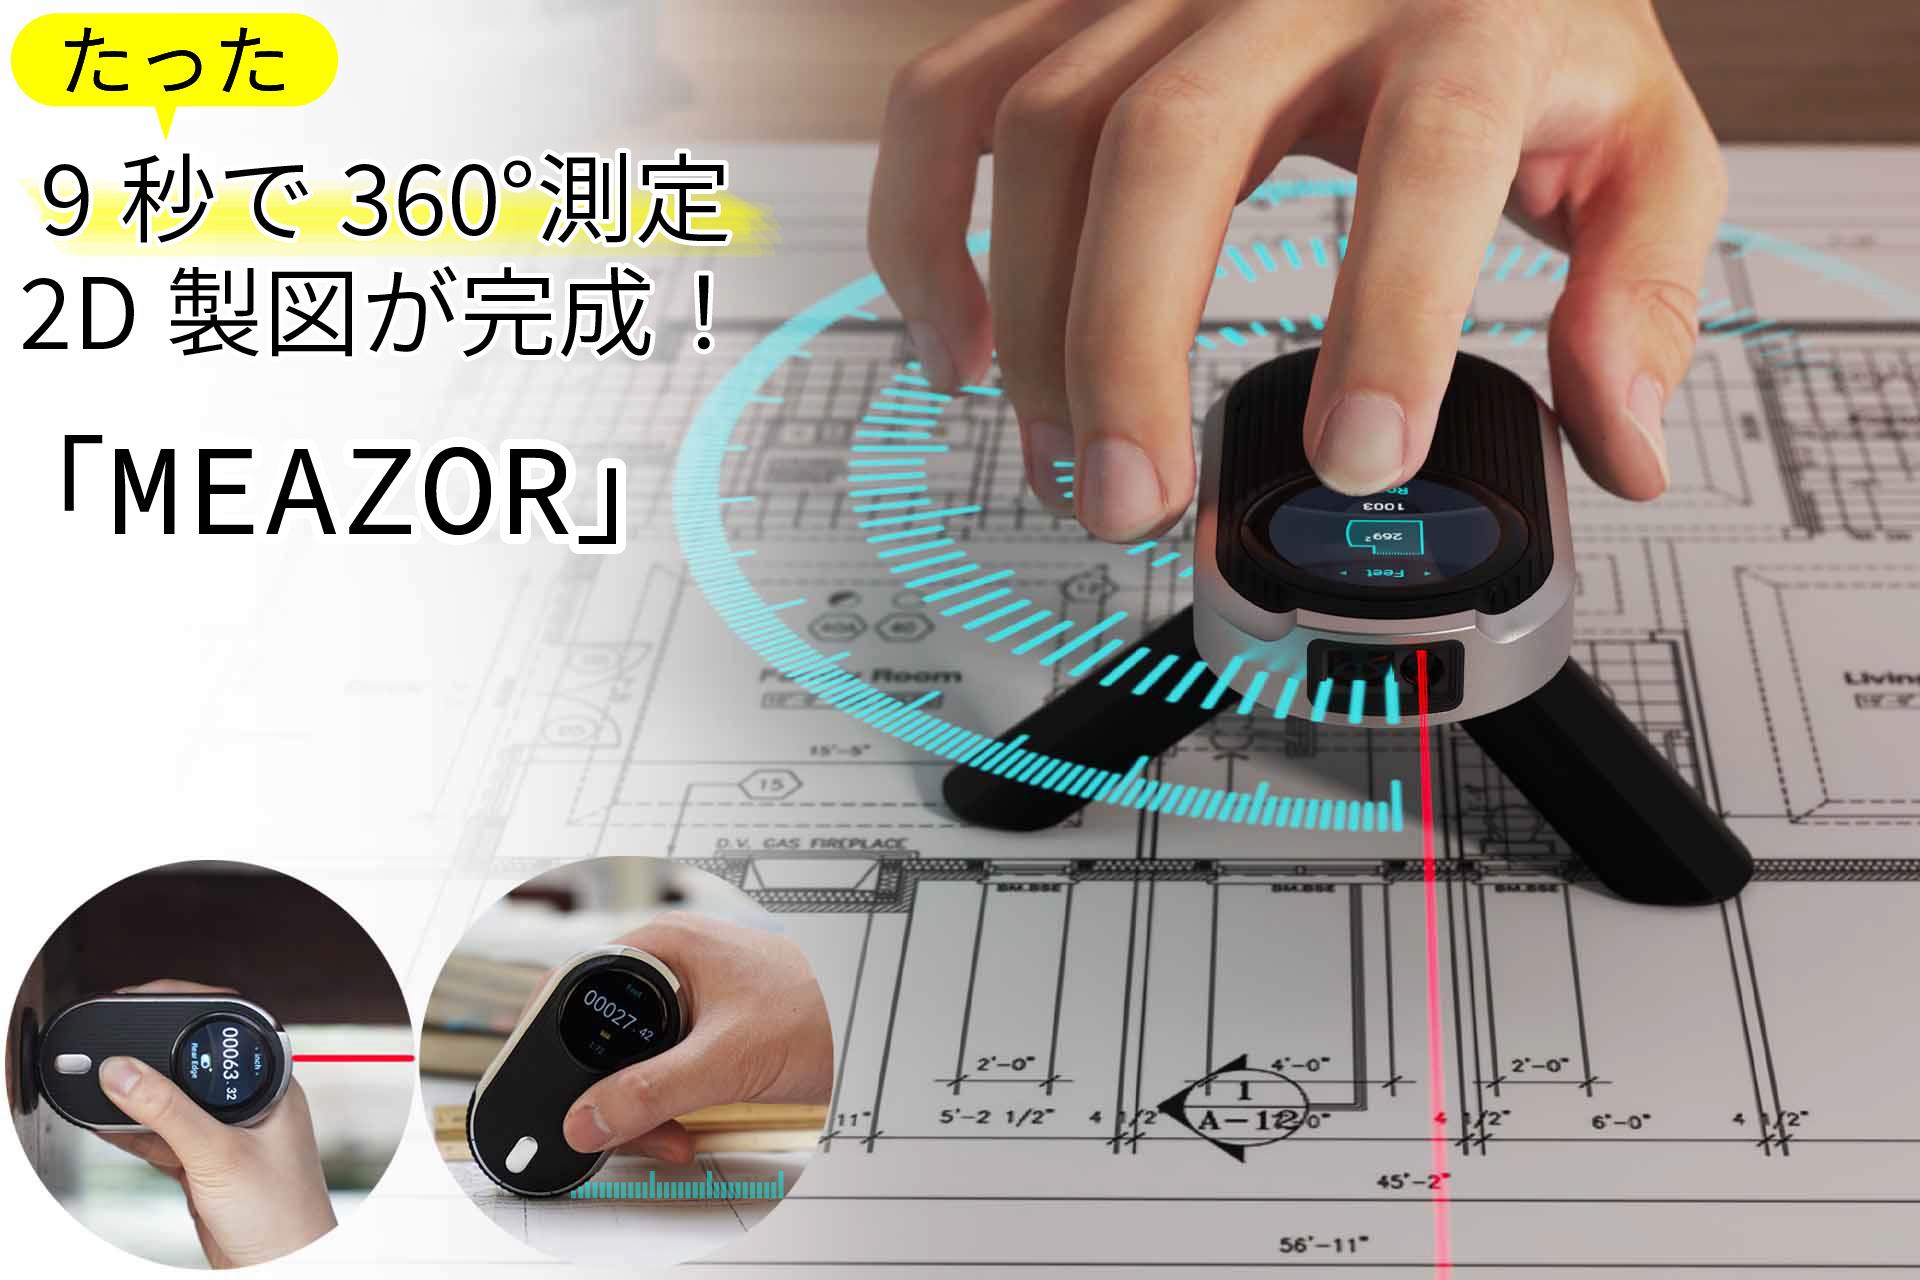 直線・曲線・360°スキャンの測定方式が1つに集約。3WAYデジタルメジャー「MEAZOR(メーザー)」